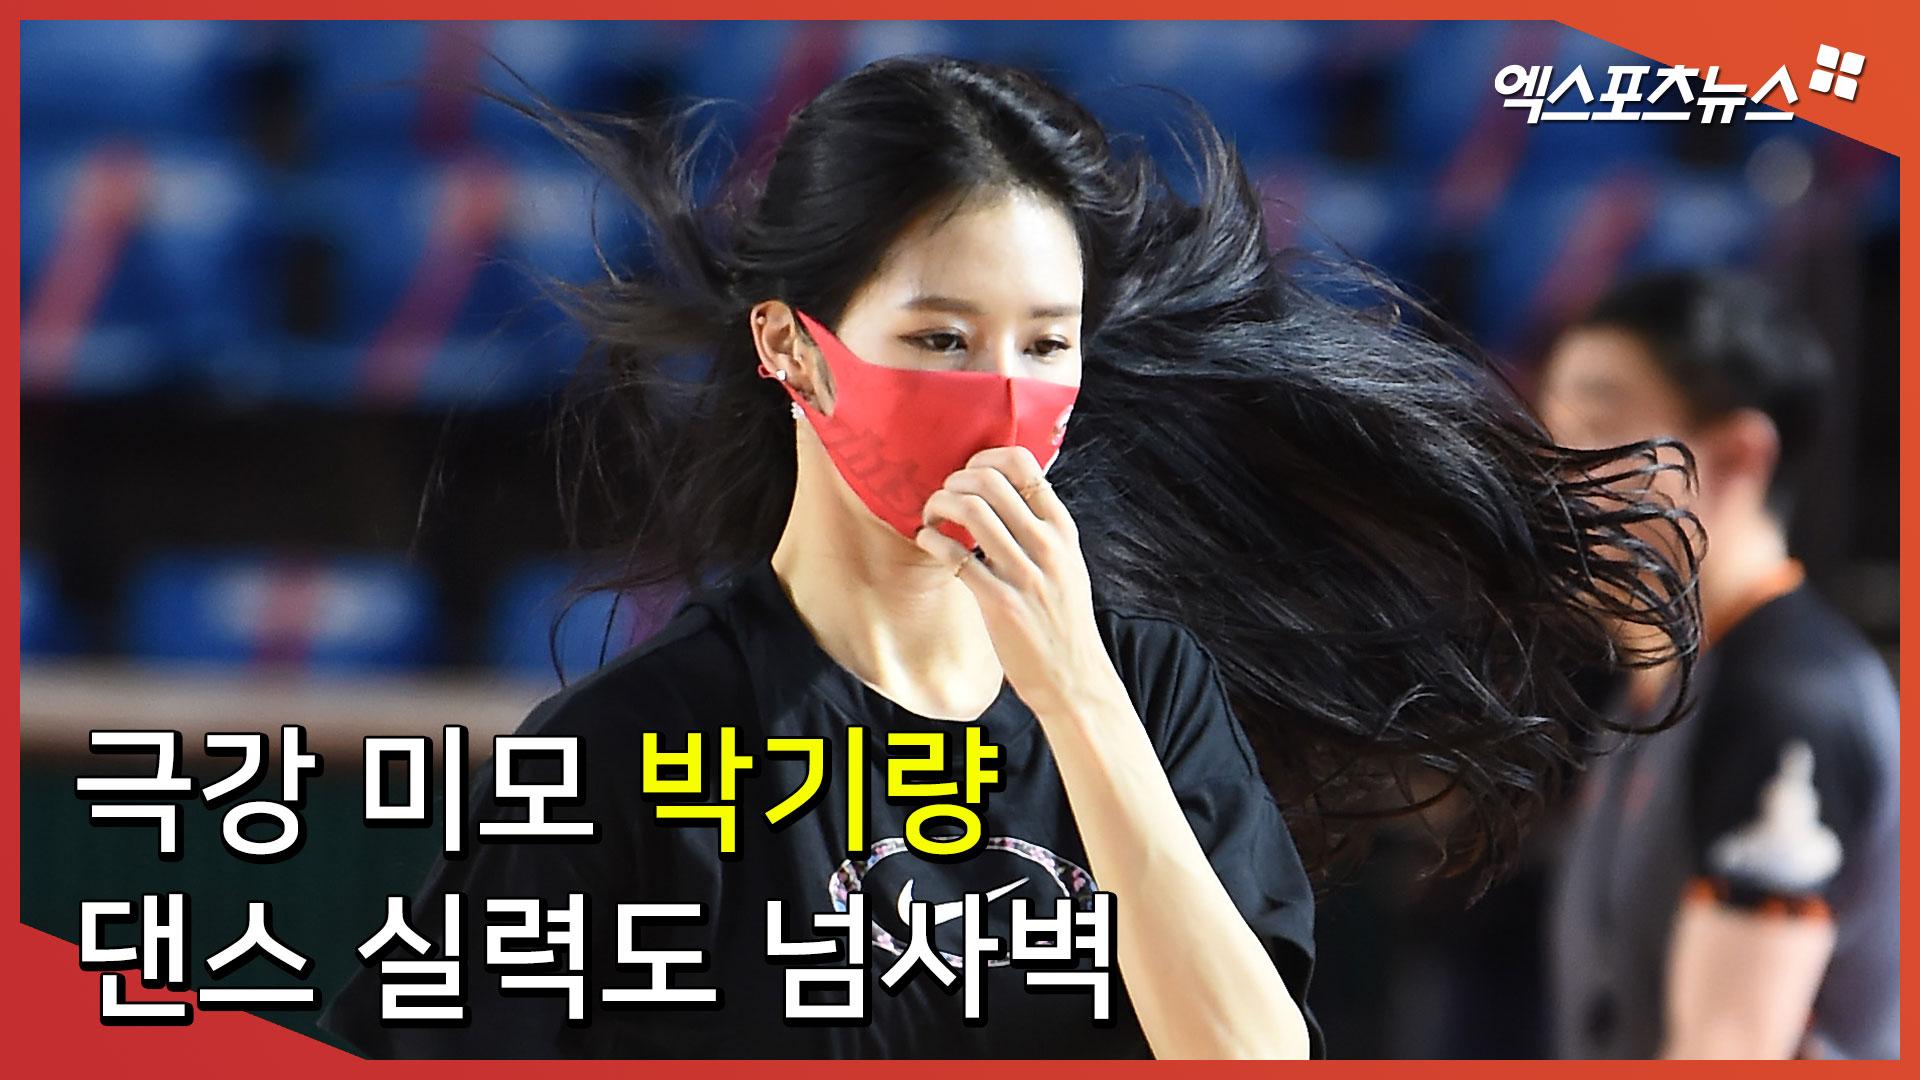 '극강 미모' 박기량, 댄스 실력도 넘사벽[엑's 영상]